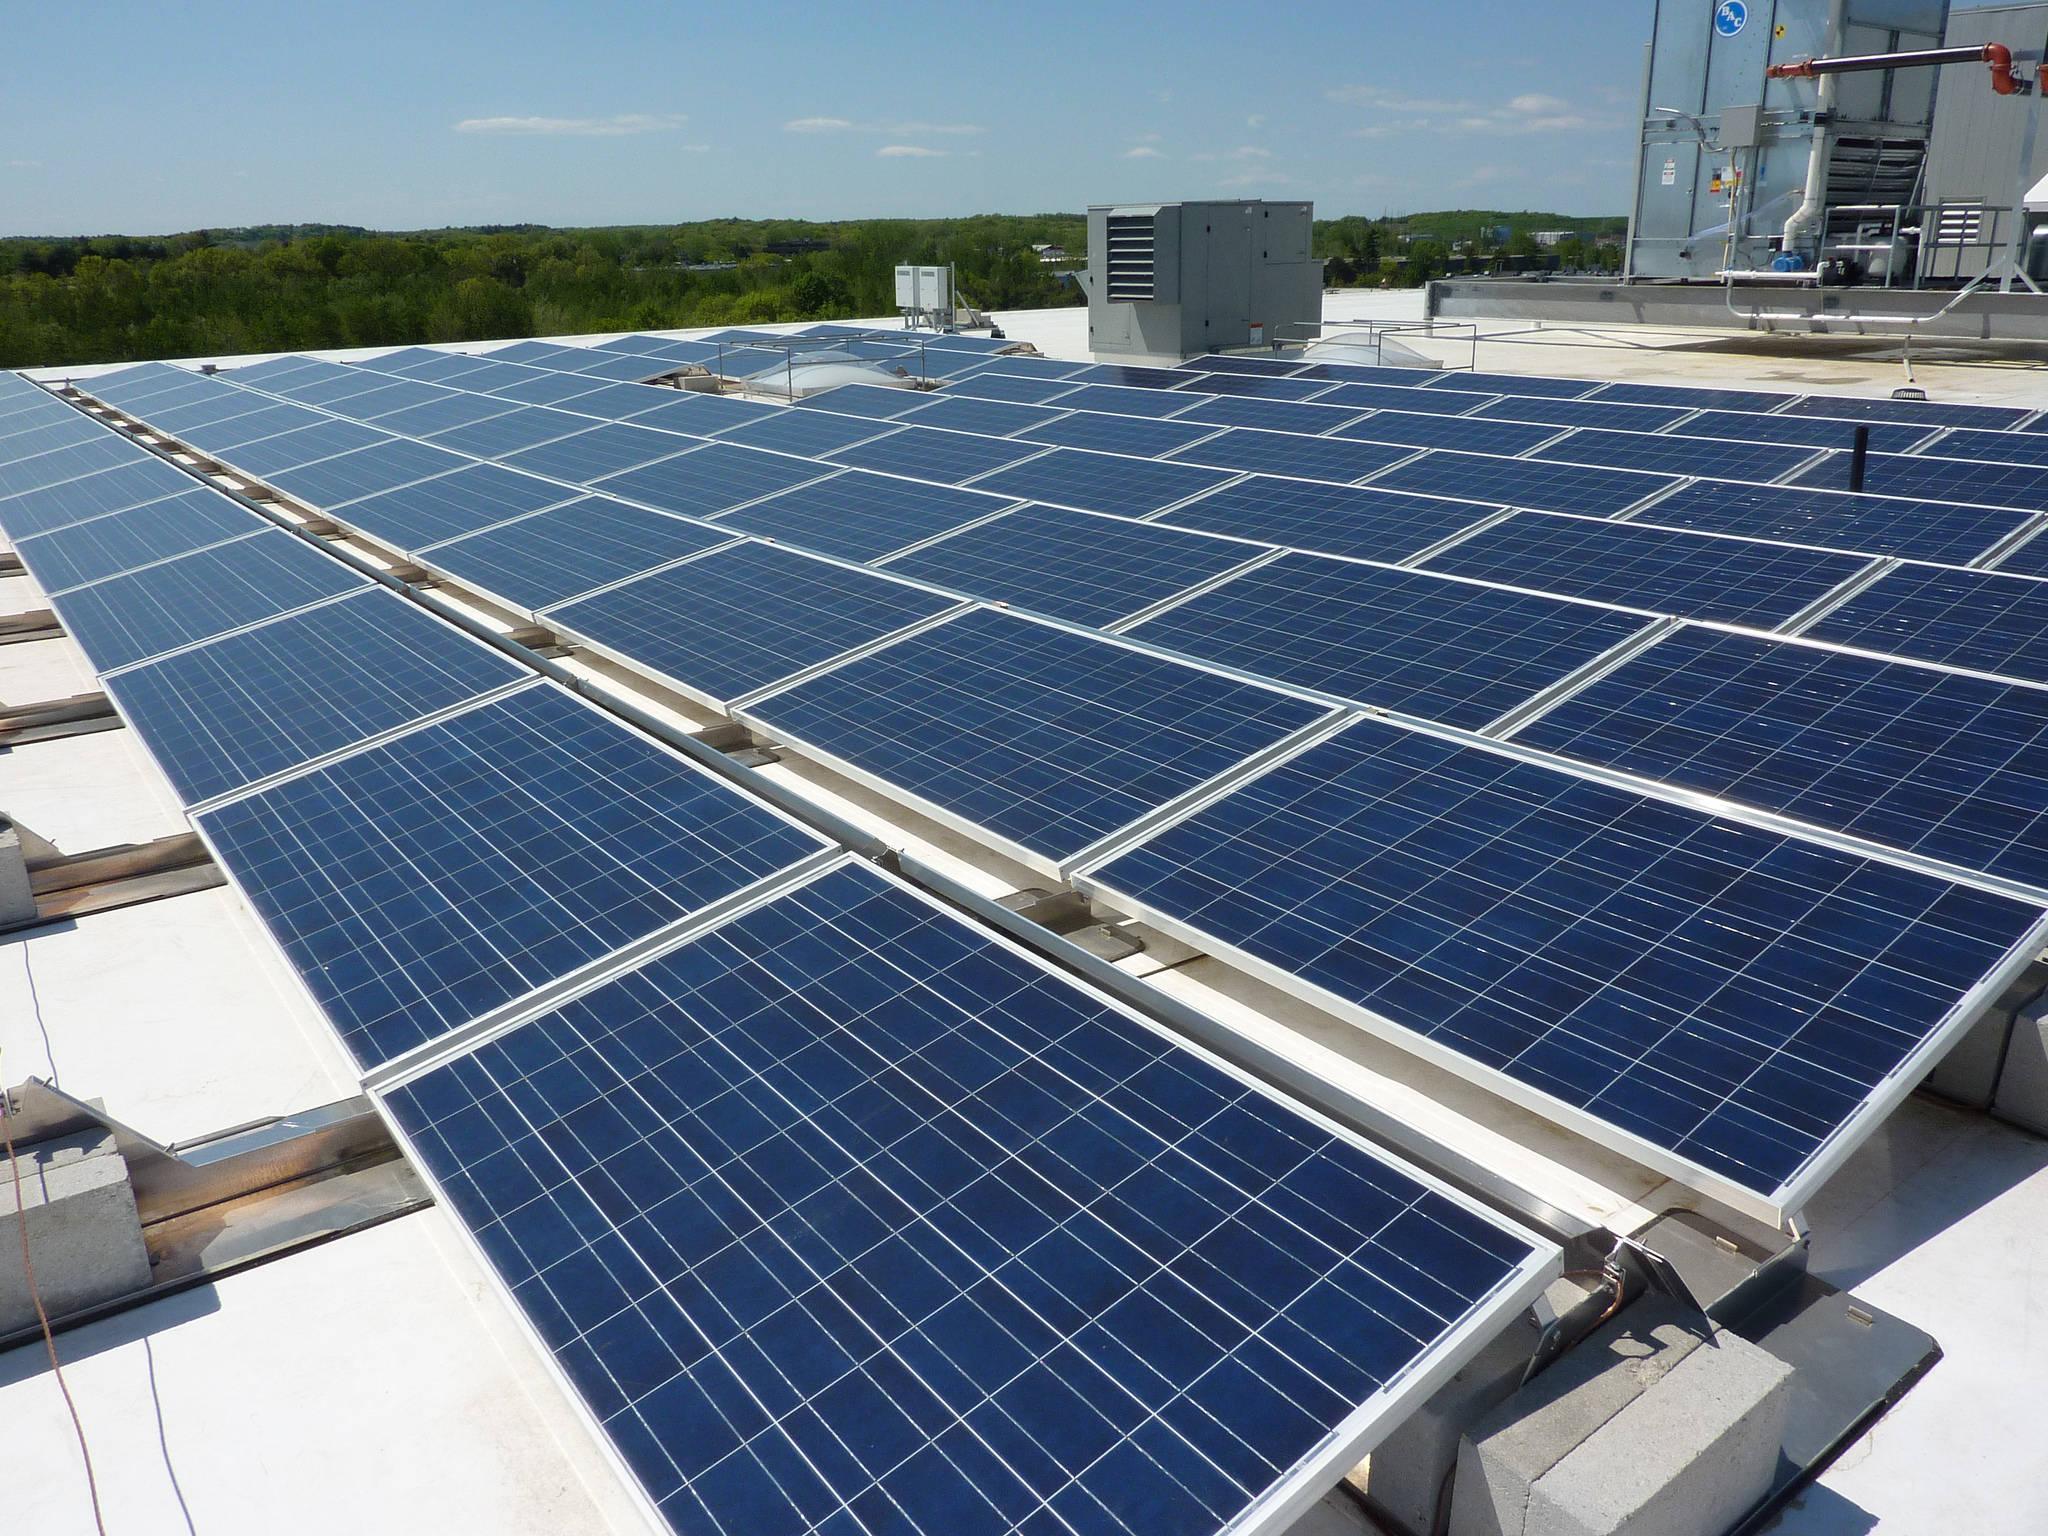 un toit tesla solarcity bient t d voil premier pas vers la voiture solaire business. Black Bedroom Furniture Sets. Home Design Ideas